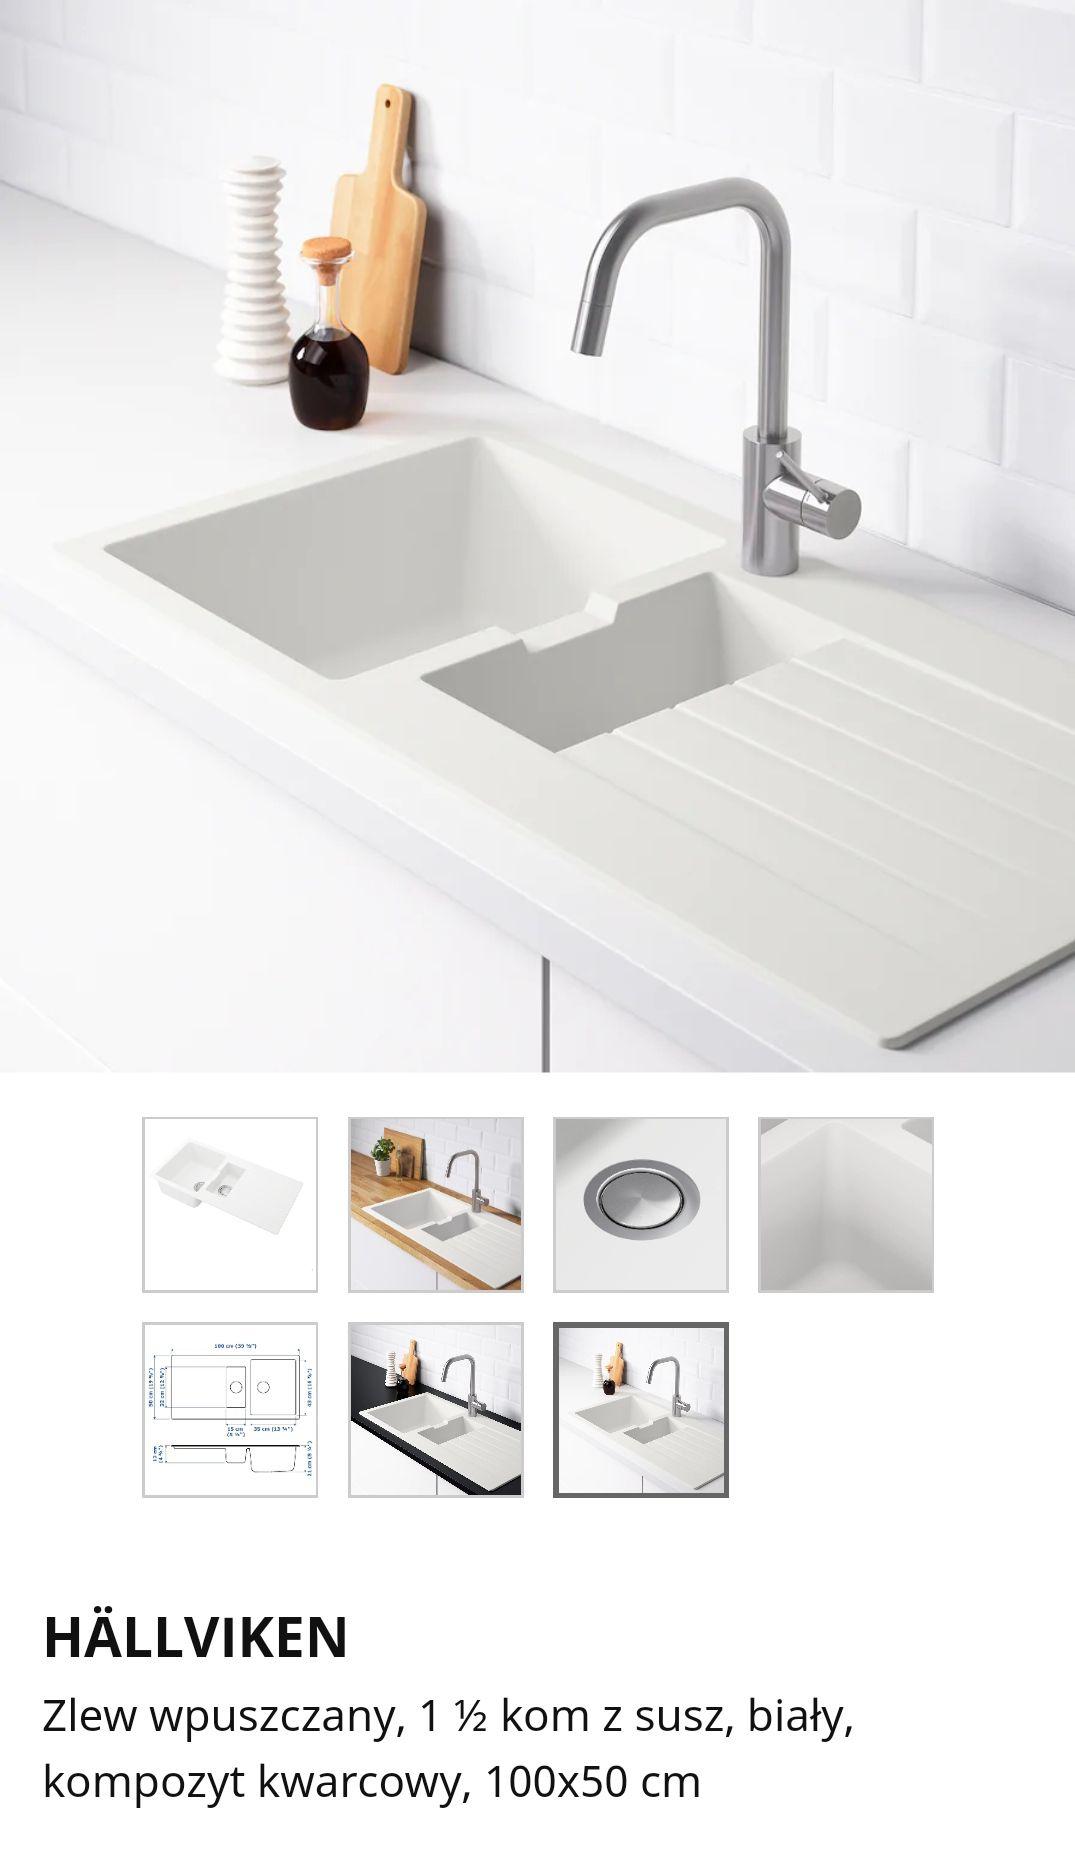 Zlew 1,5 komorowy biały Hallviken @Ikea Gdańsk - nowa cena